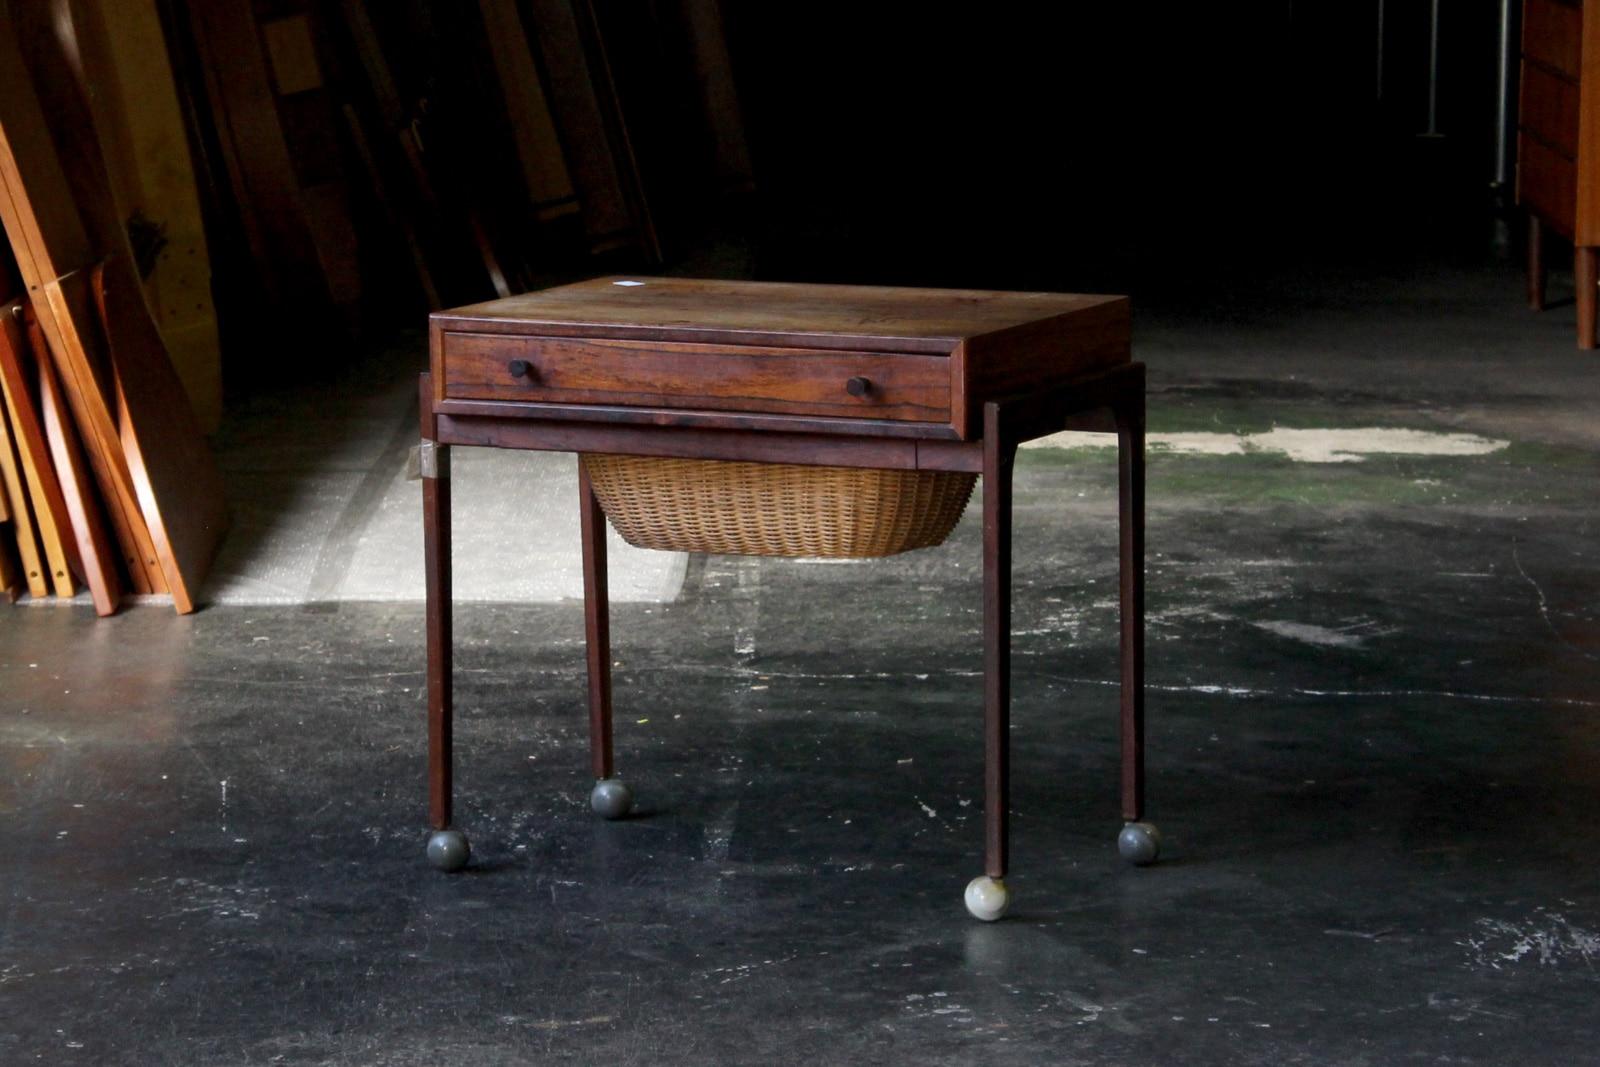 北欧,デンマーク,家具,ソーイングテーブル,籠付き,ローズウッド材